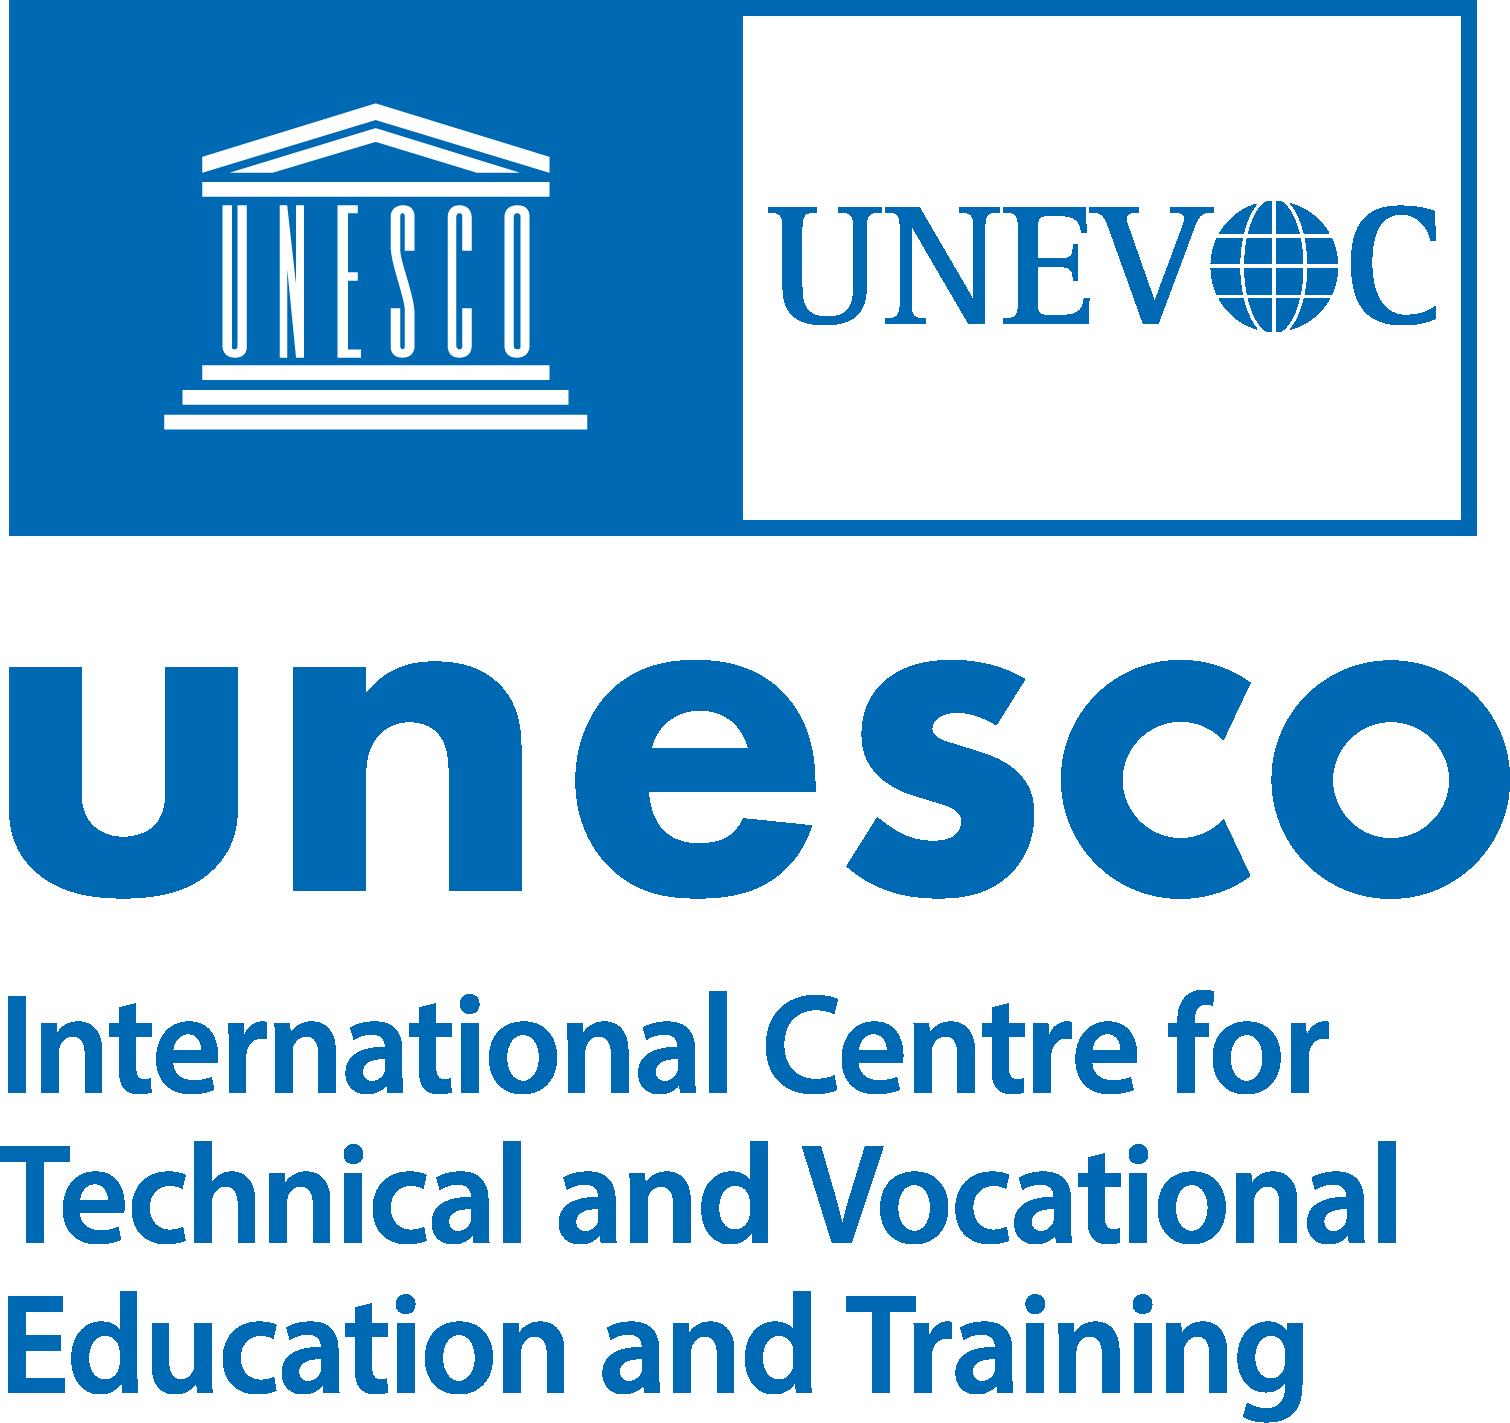 UNESCO-UNEVOC logo